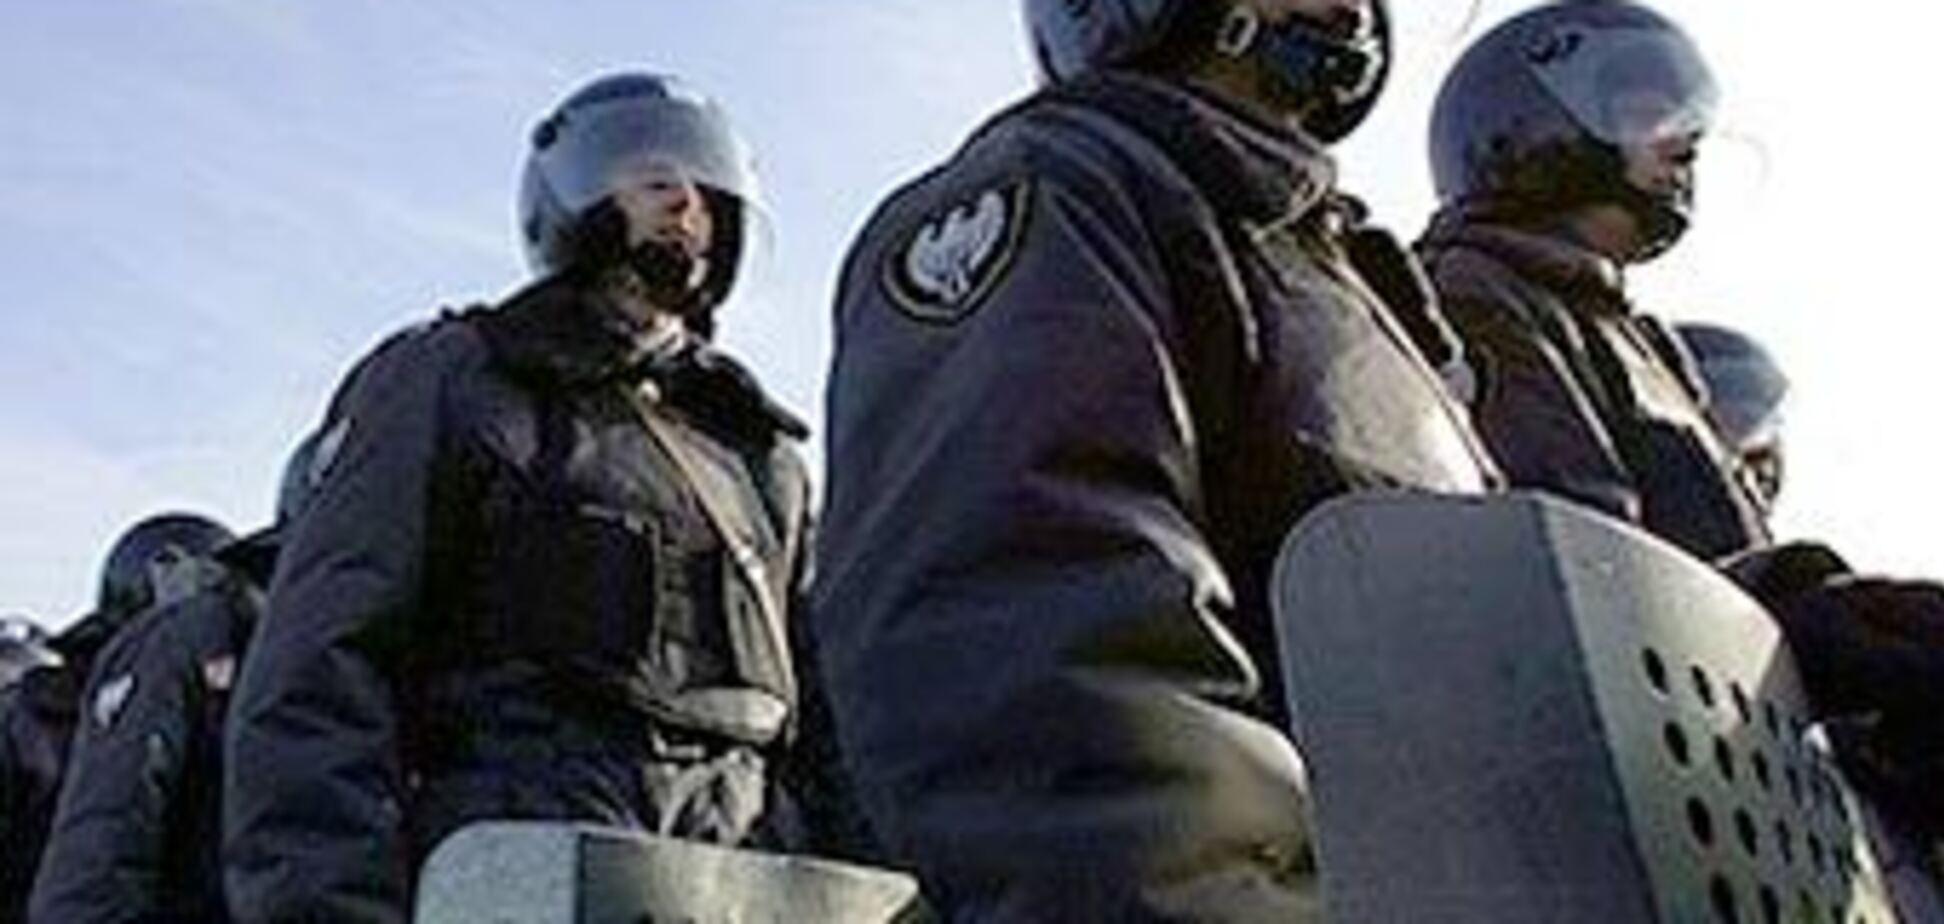 Підліток побив і загриз чотирьох безпорадних міліціонерів